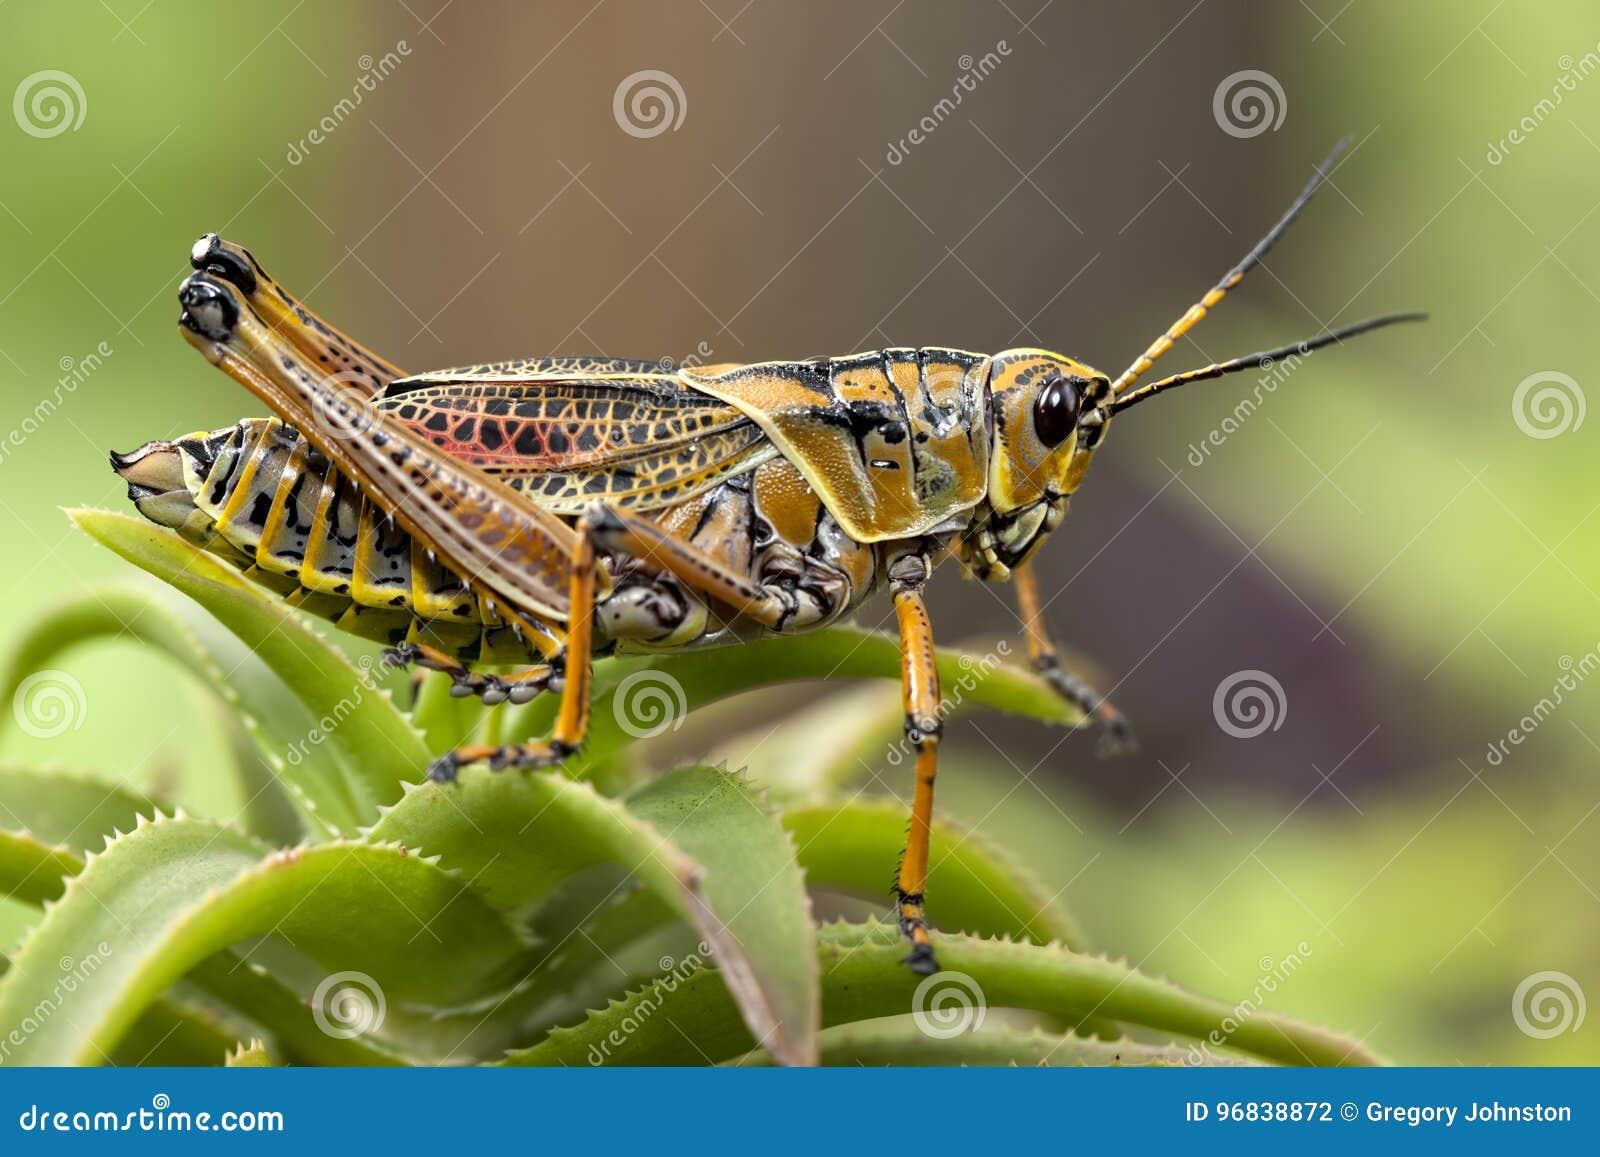 Macro immagine di una locusta gialla